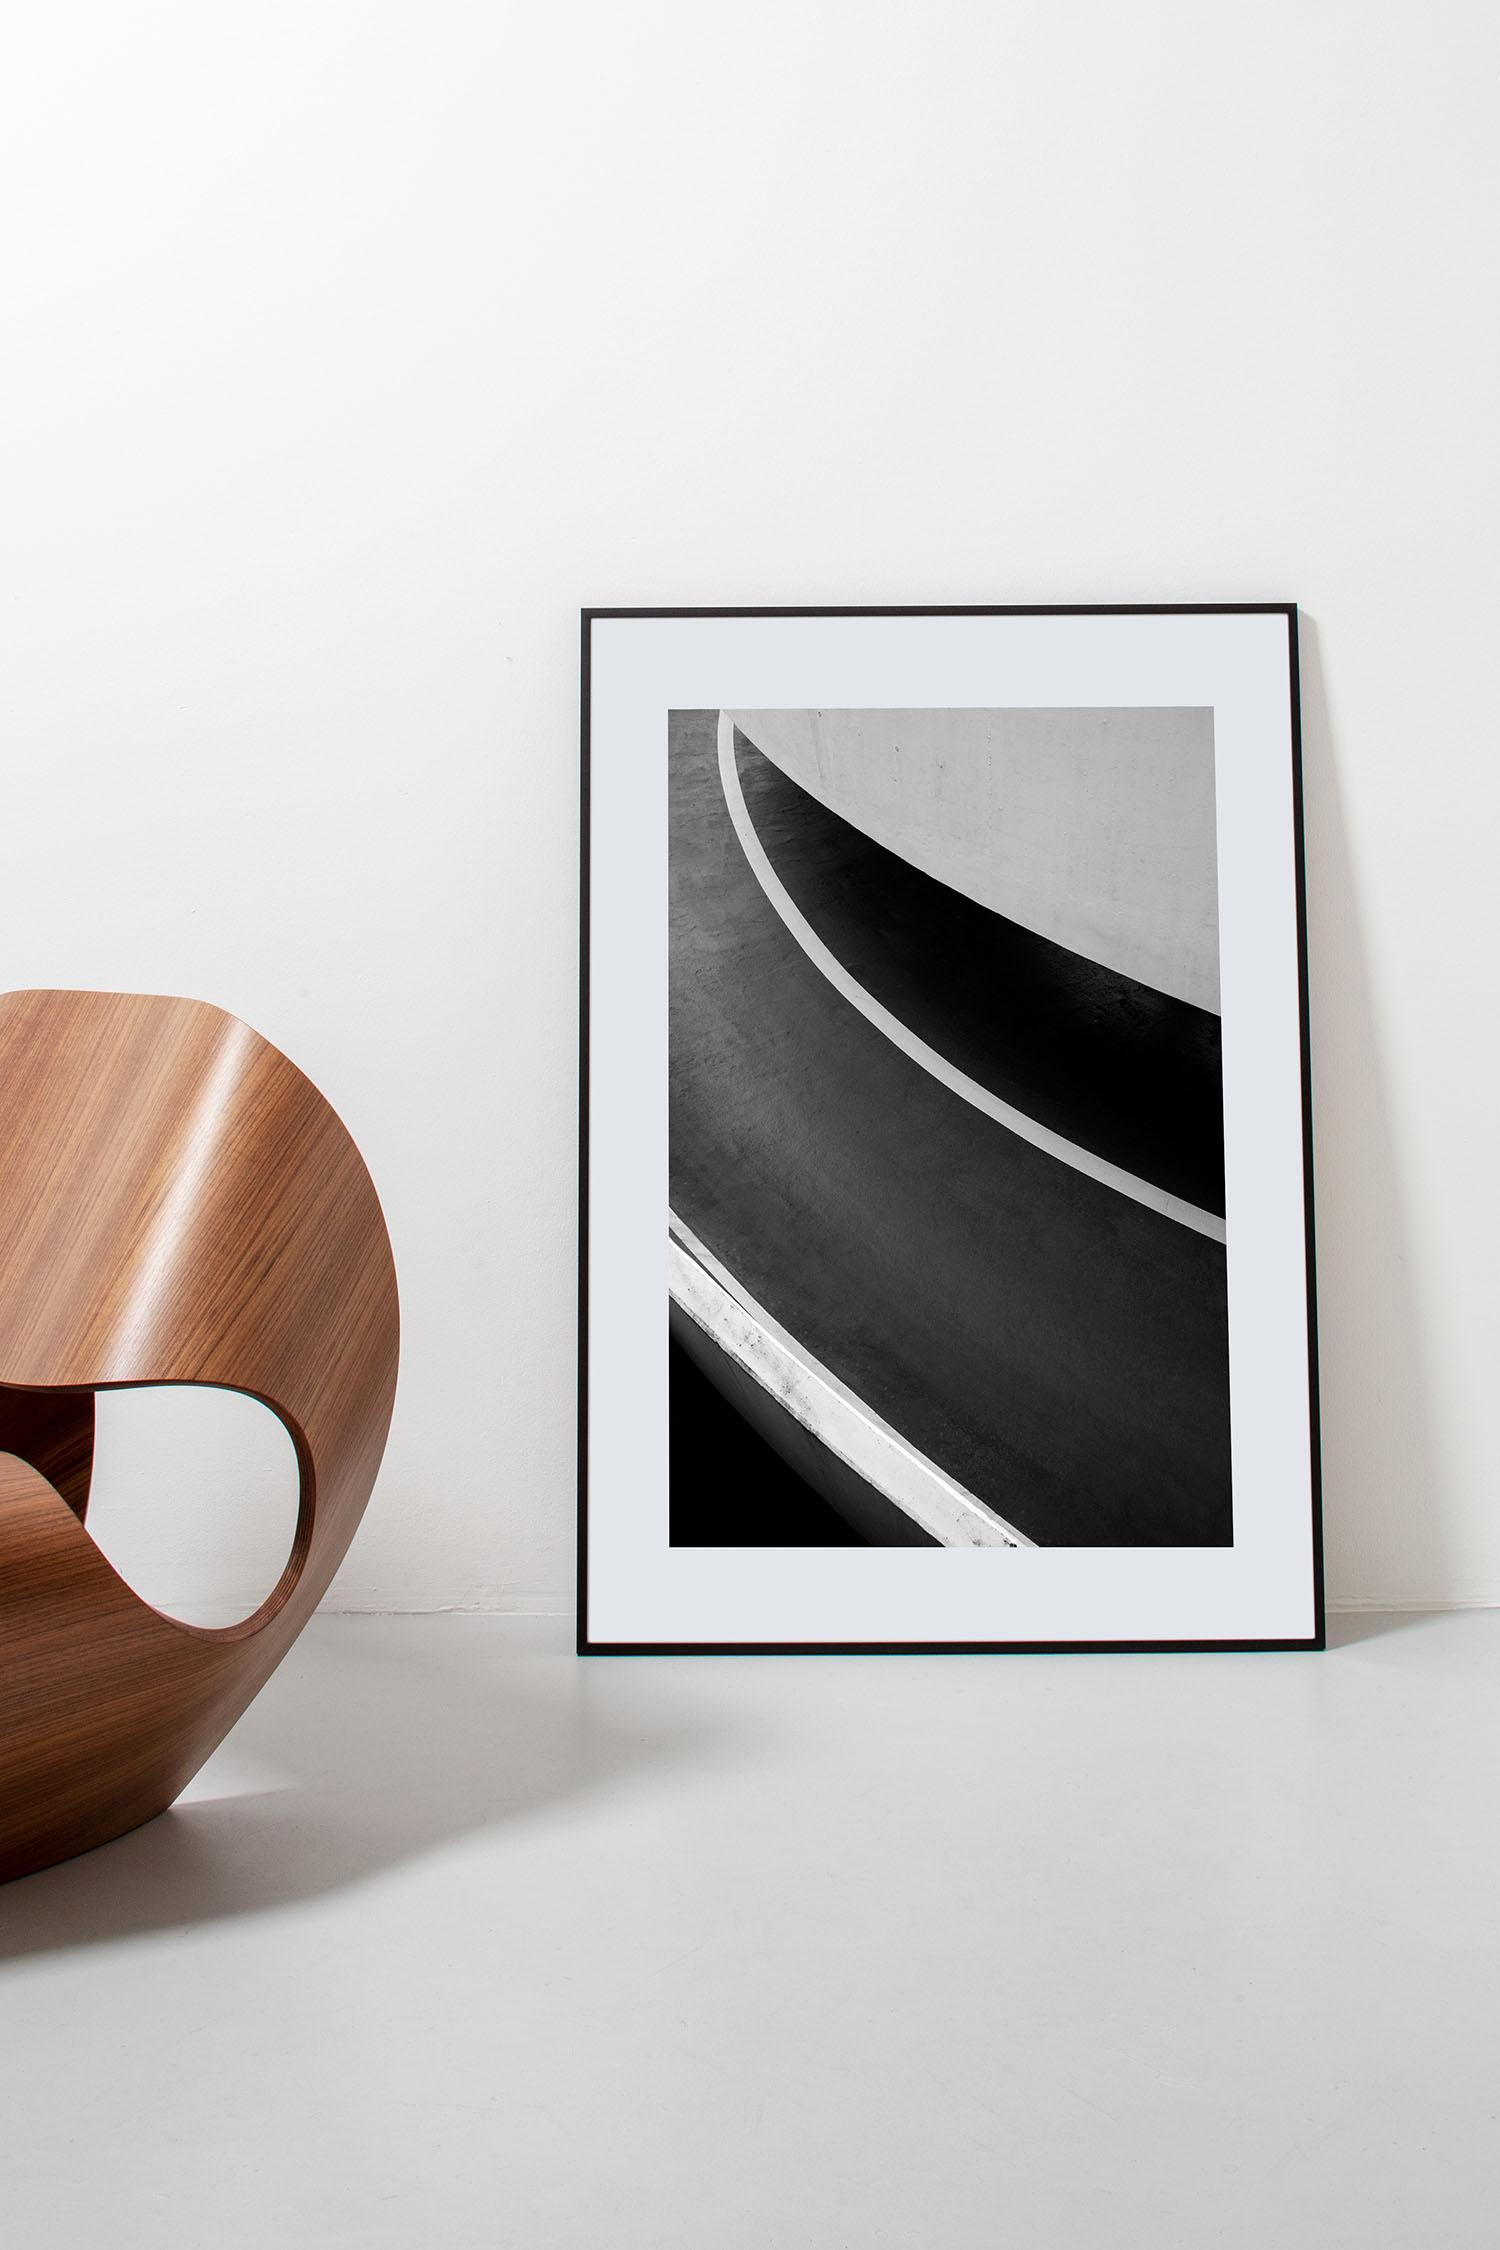 01-emossao-design-store-art-gallery-hamburg.jpg